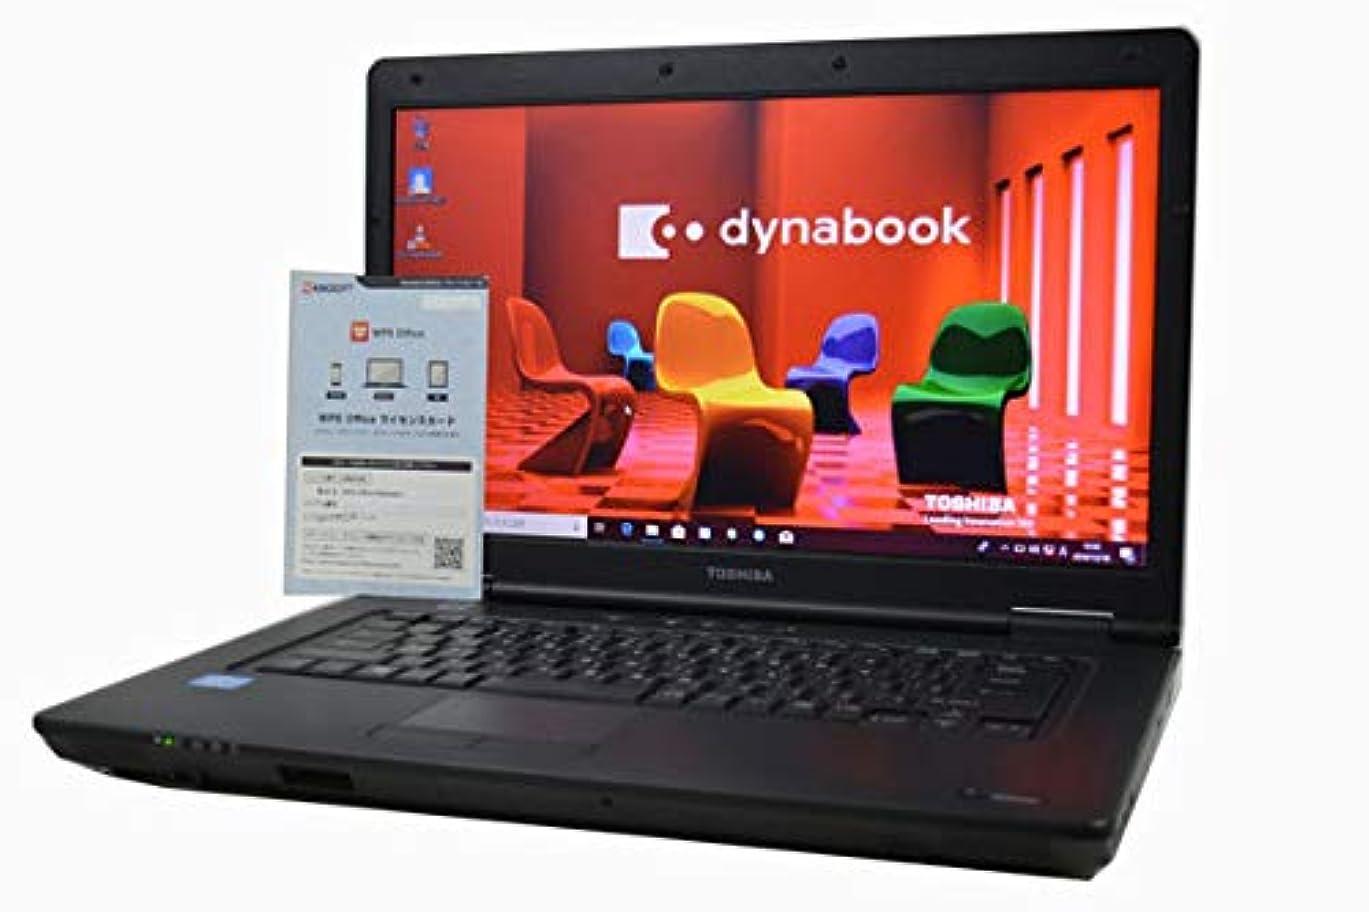 進むフレッシュズボンノートパソコン 【OFFICE搭載】 TOSHIBA dynabook Satellite B552 第3世代 Core i5 3320M HD 15.6インチ 4GB/320GB/DVDマルチ/Windows 10 Win7DtoD